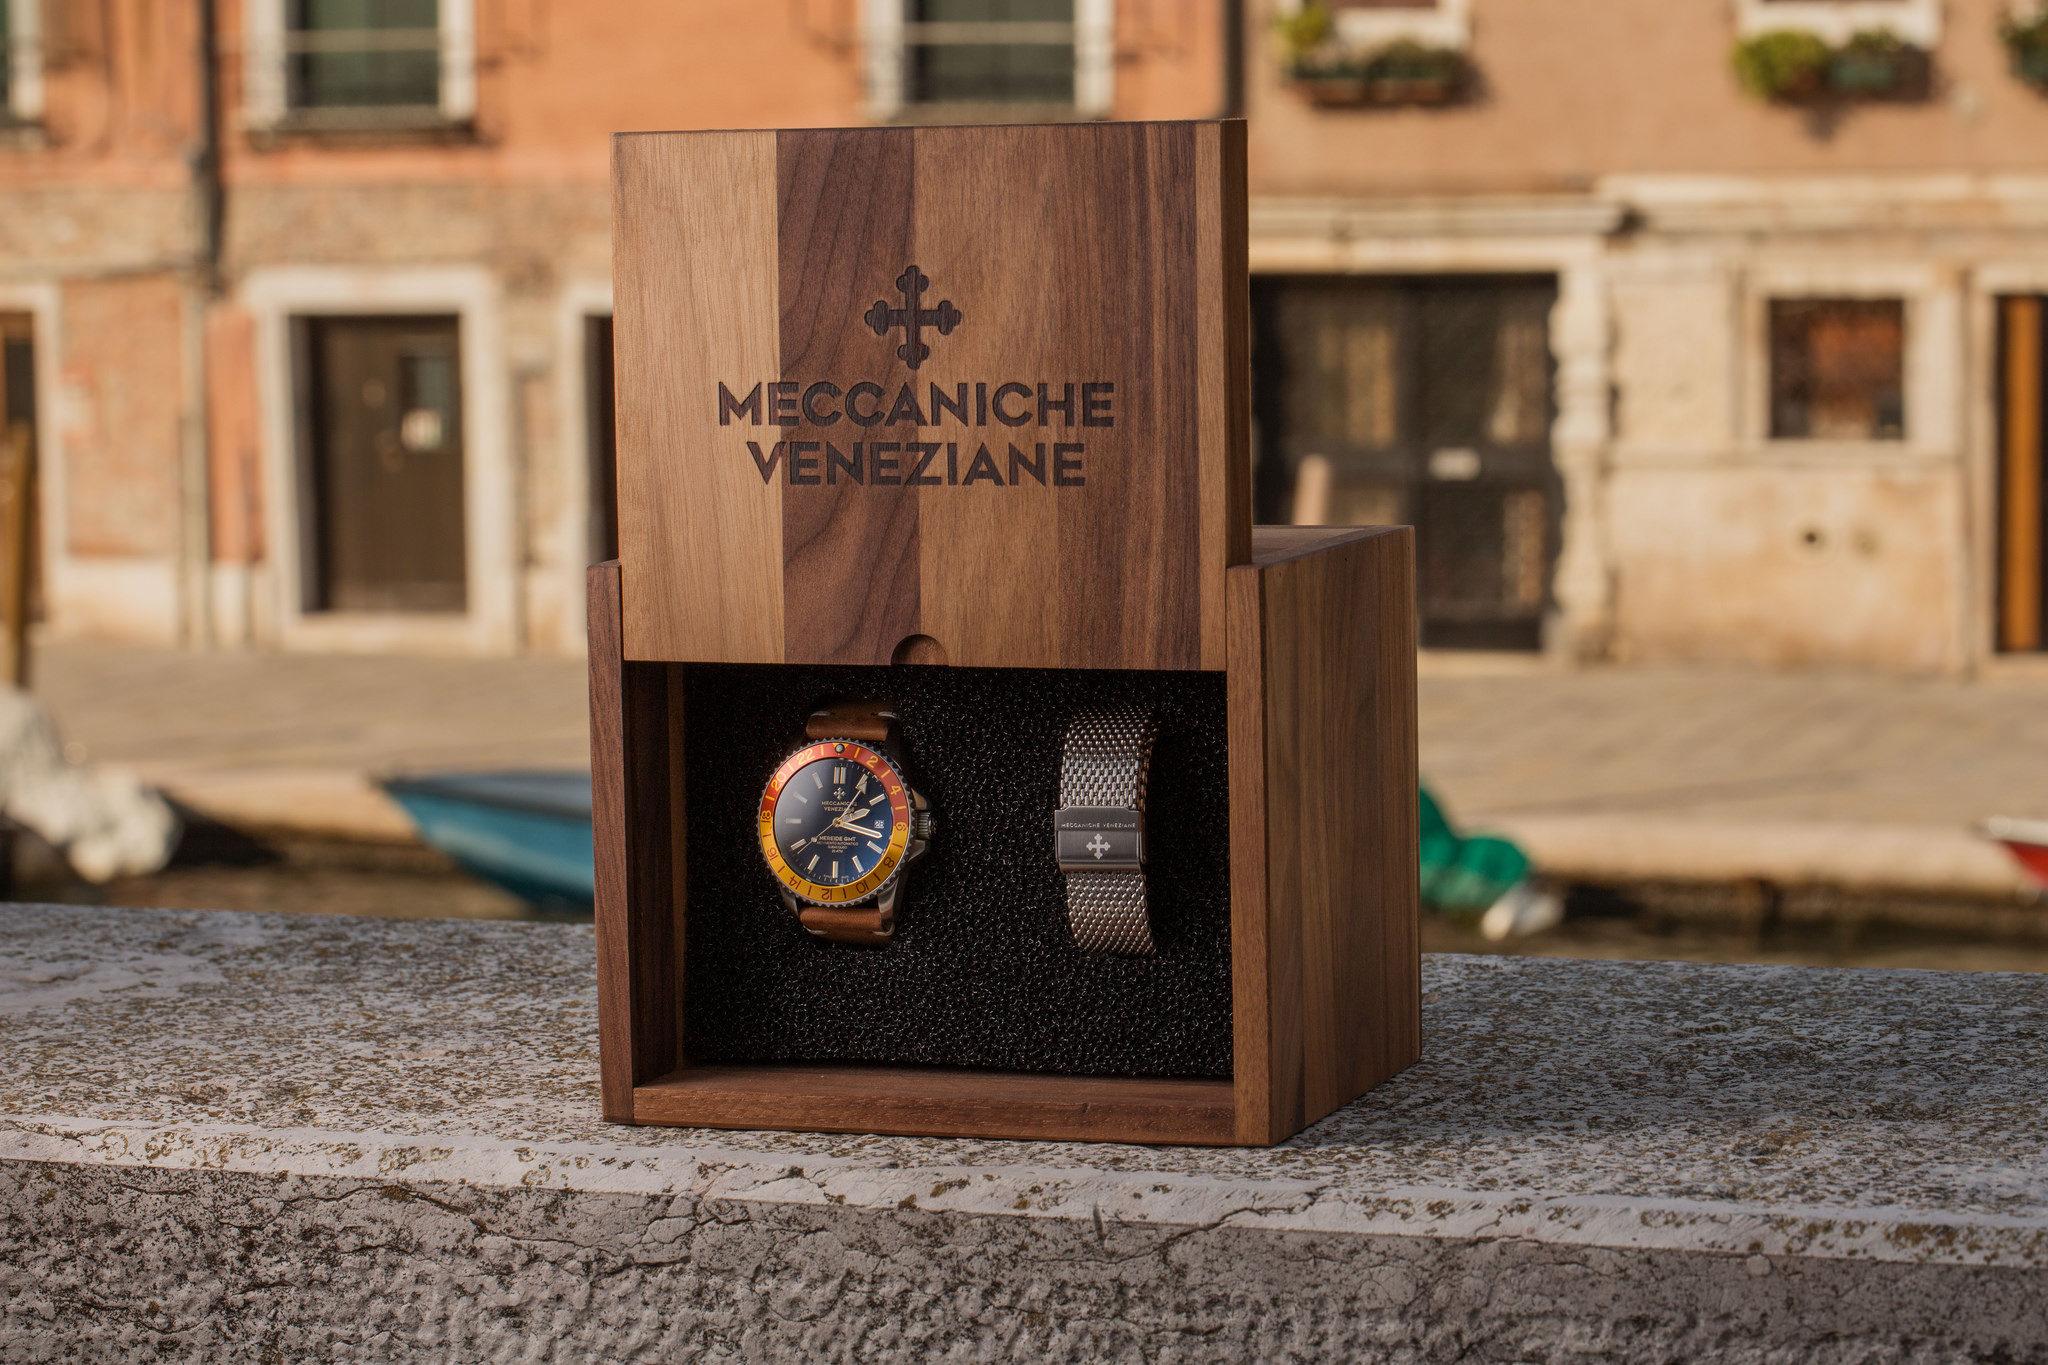 Meccaniche Veneziane Nereide GMT Watch